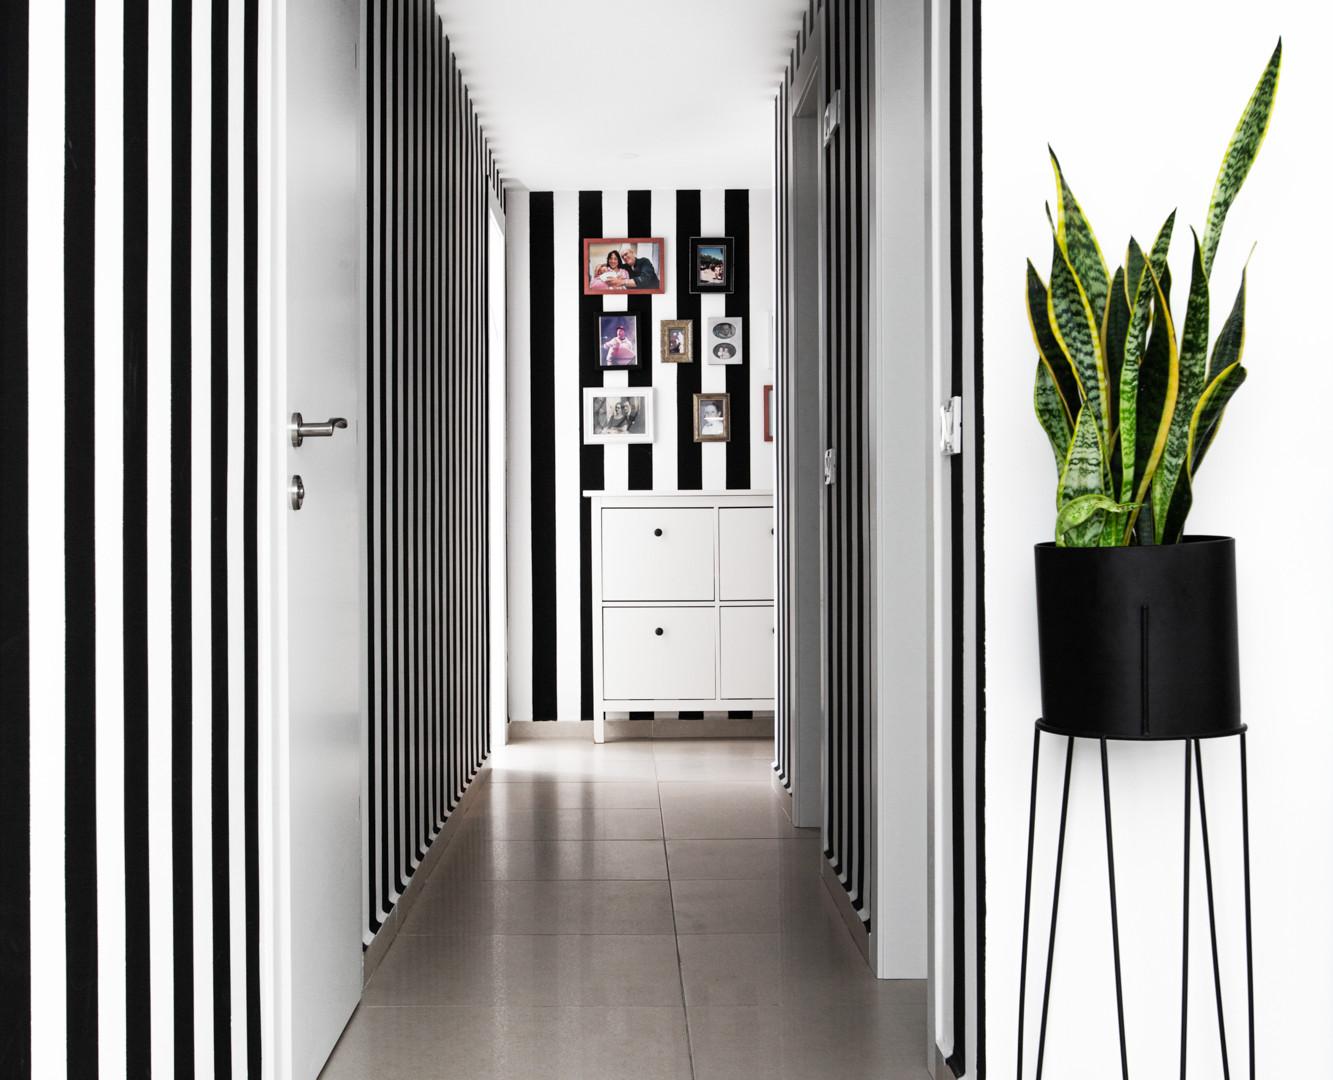 מסדרון צבוע בפסים שחור לבן